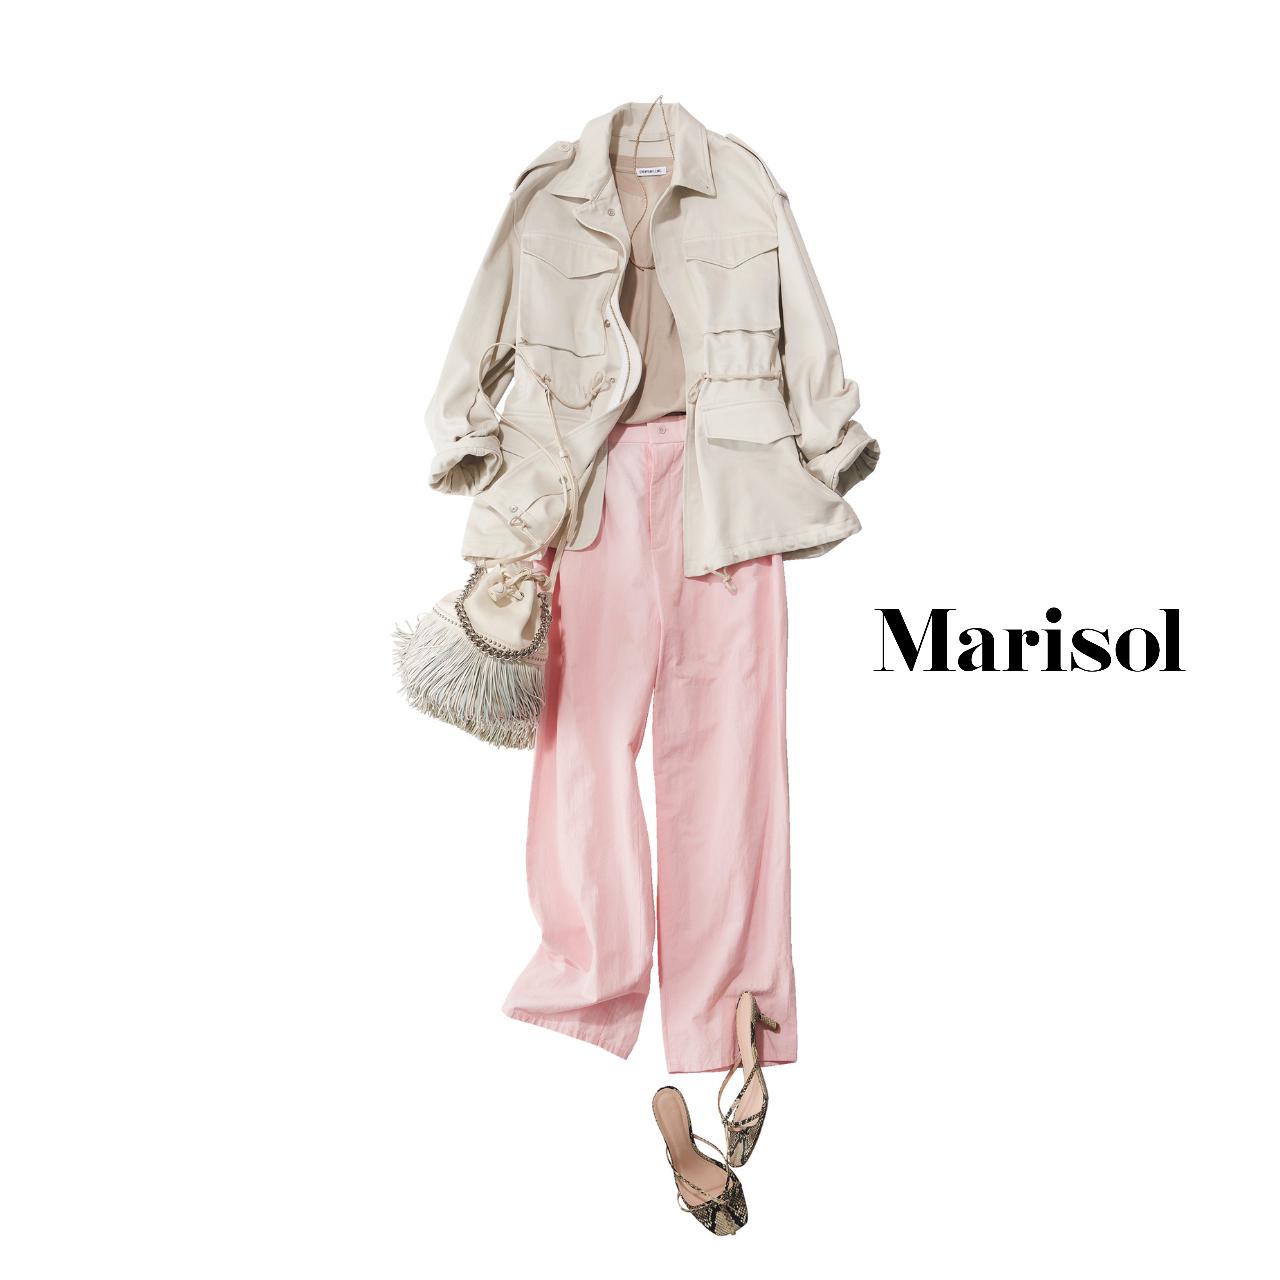 40代ファッション  サファリジャケット×Tシャツ×パンツ×サンダルコーデ